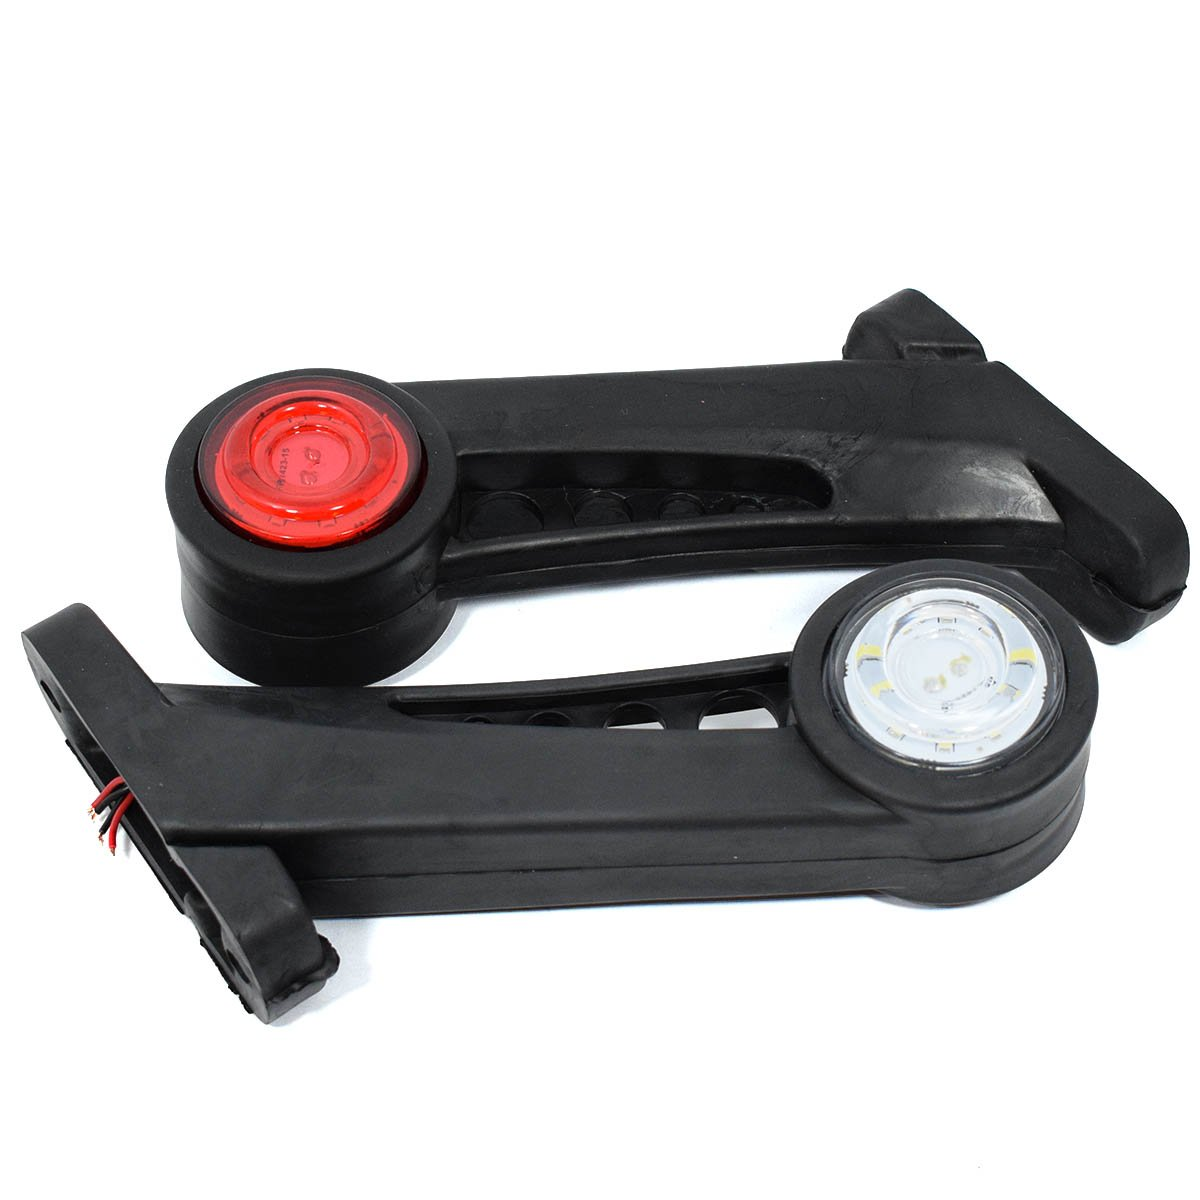 2x LED Gummi Begrenzungsleuchte Seitenleuchte 12V 24V Positionsleuchte Auto LKW PKW KFZ Lampe Leuchte Licht Wei/ß Rot